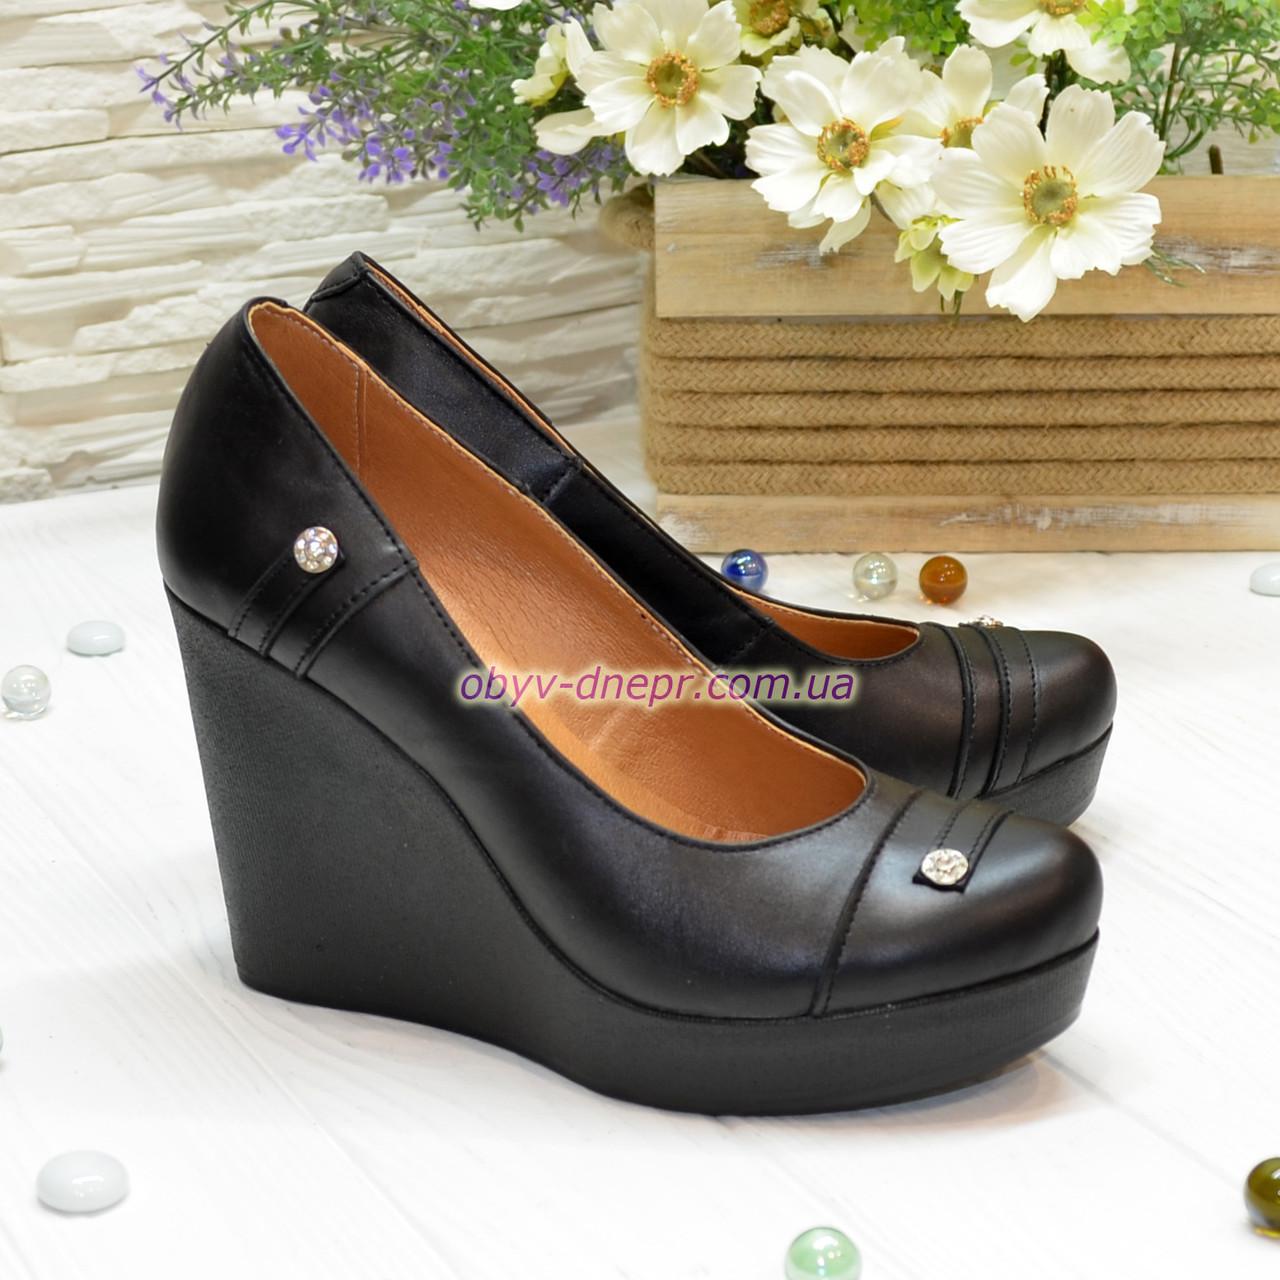 Женские кожаные туфли на устойчивой высокой платформе